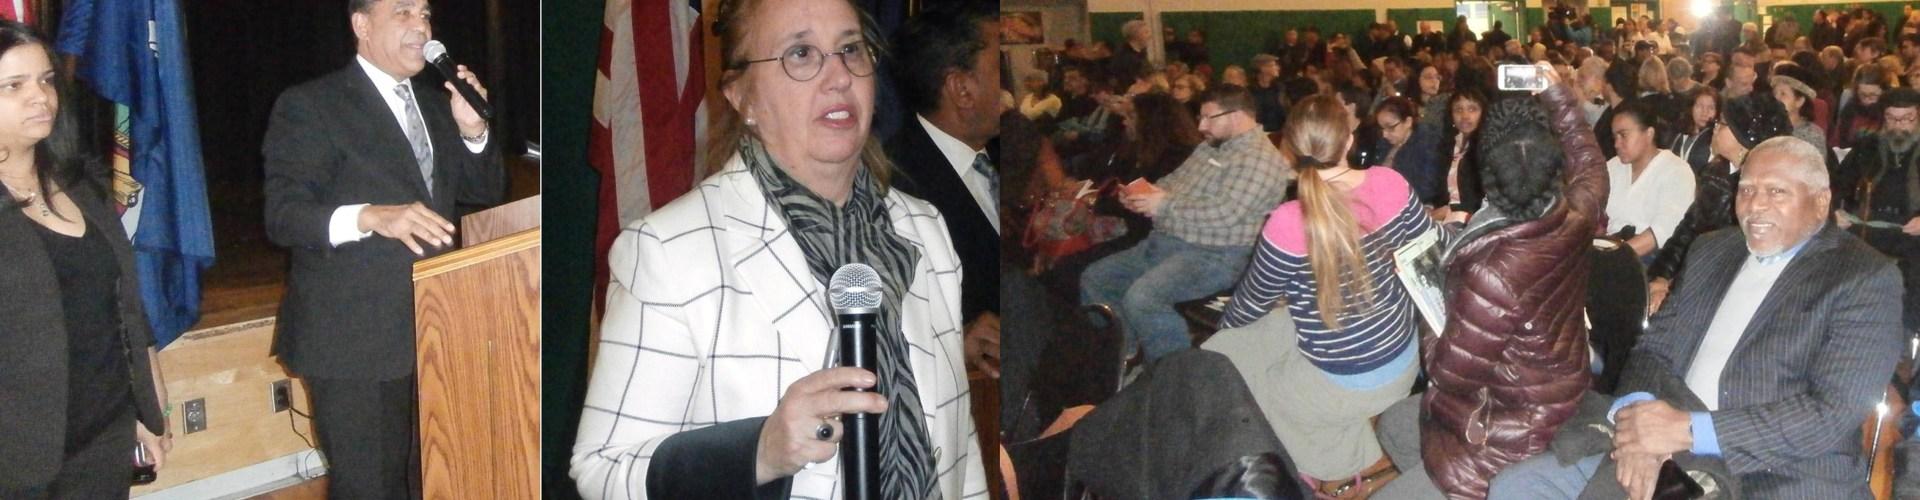 Advierte sobre desplazamiento de latinos